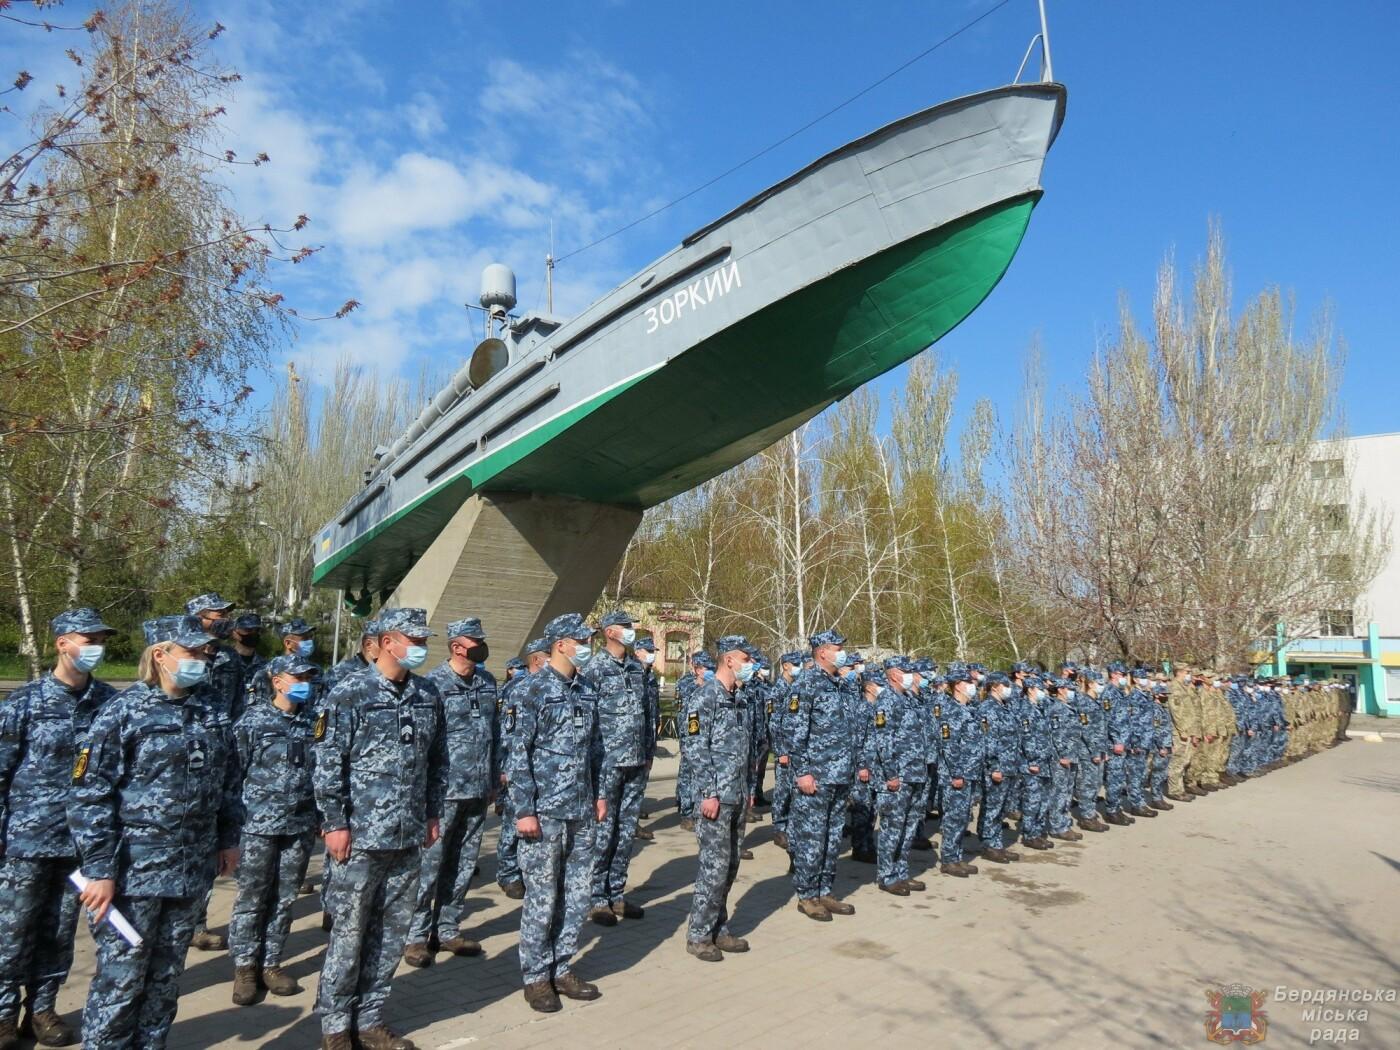 В Бердянске состоялось торжественное поднятие флага Военно-Морских Сил Вооруженных Сил Украины, фото-1